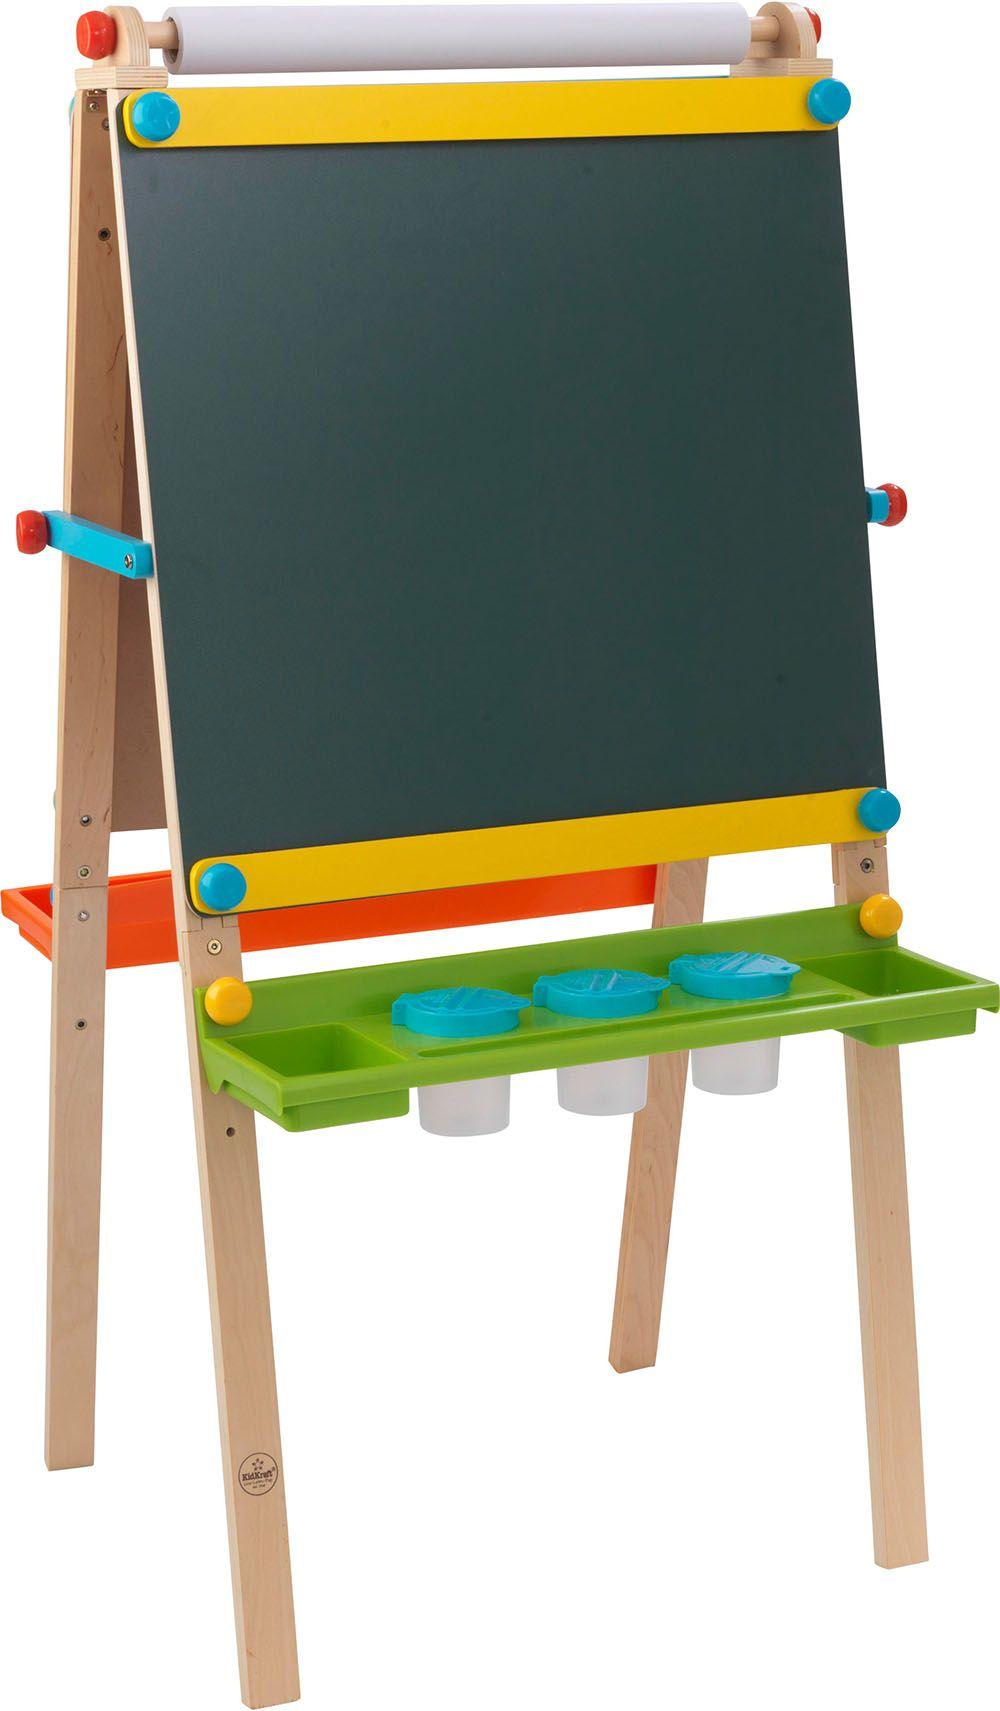 chevalet de dessin en bois pour enfant avec rouleau pap. Black Bedroom Furniture Sets. Home Design Ideas